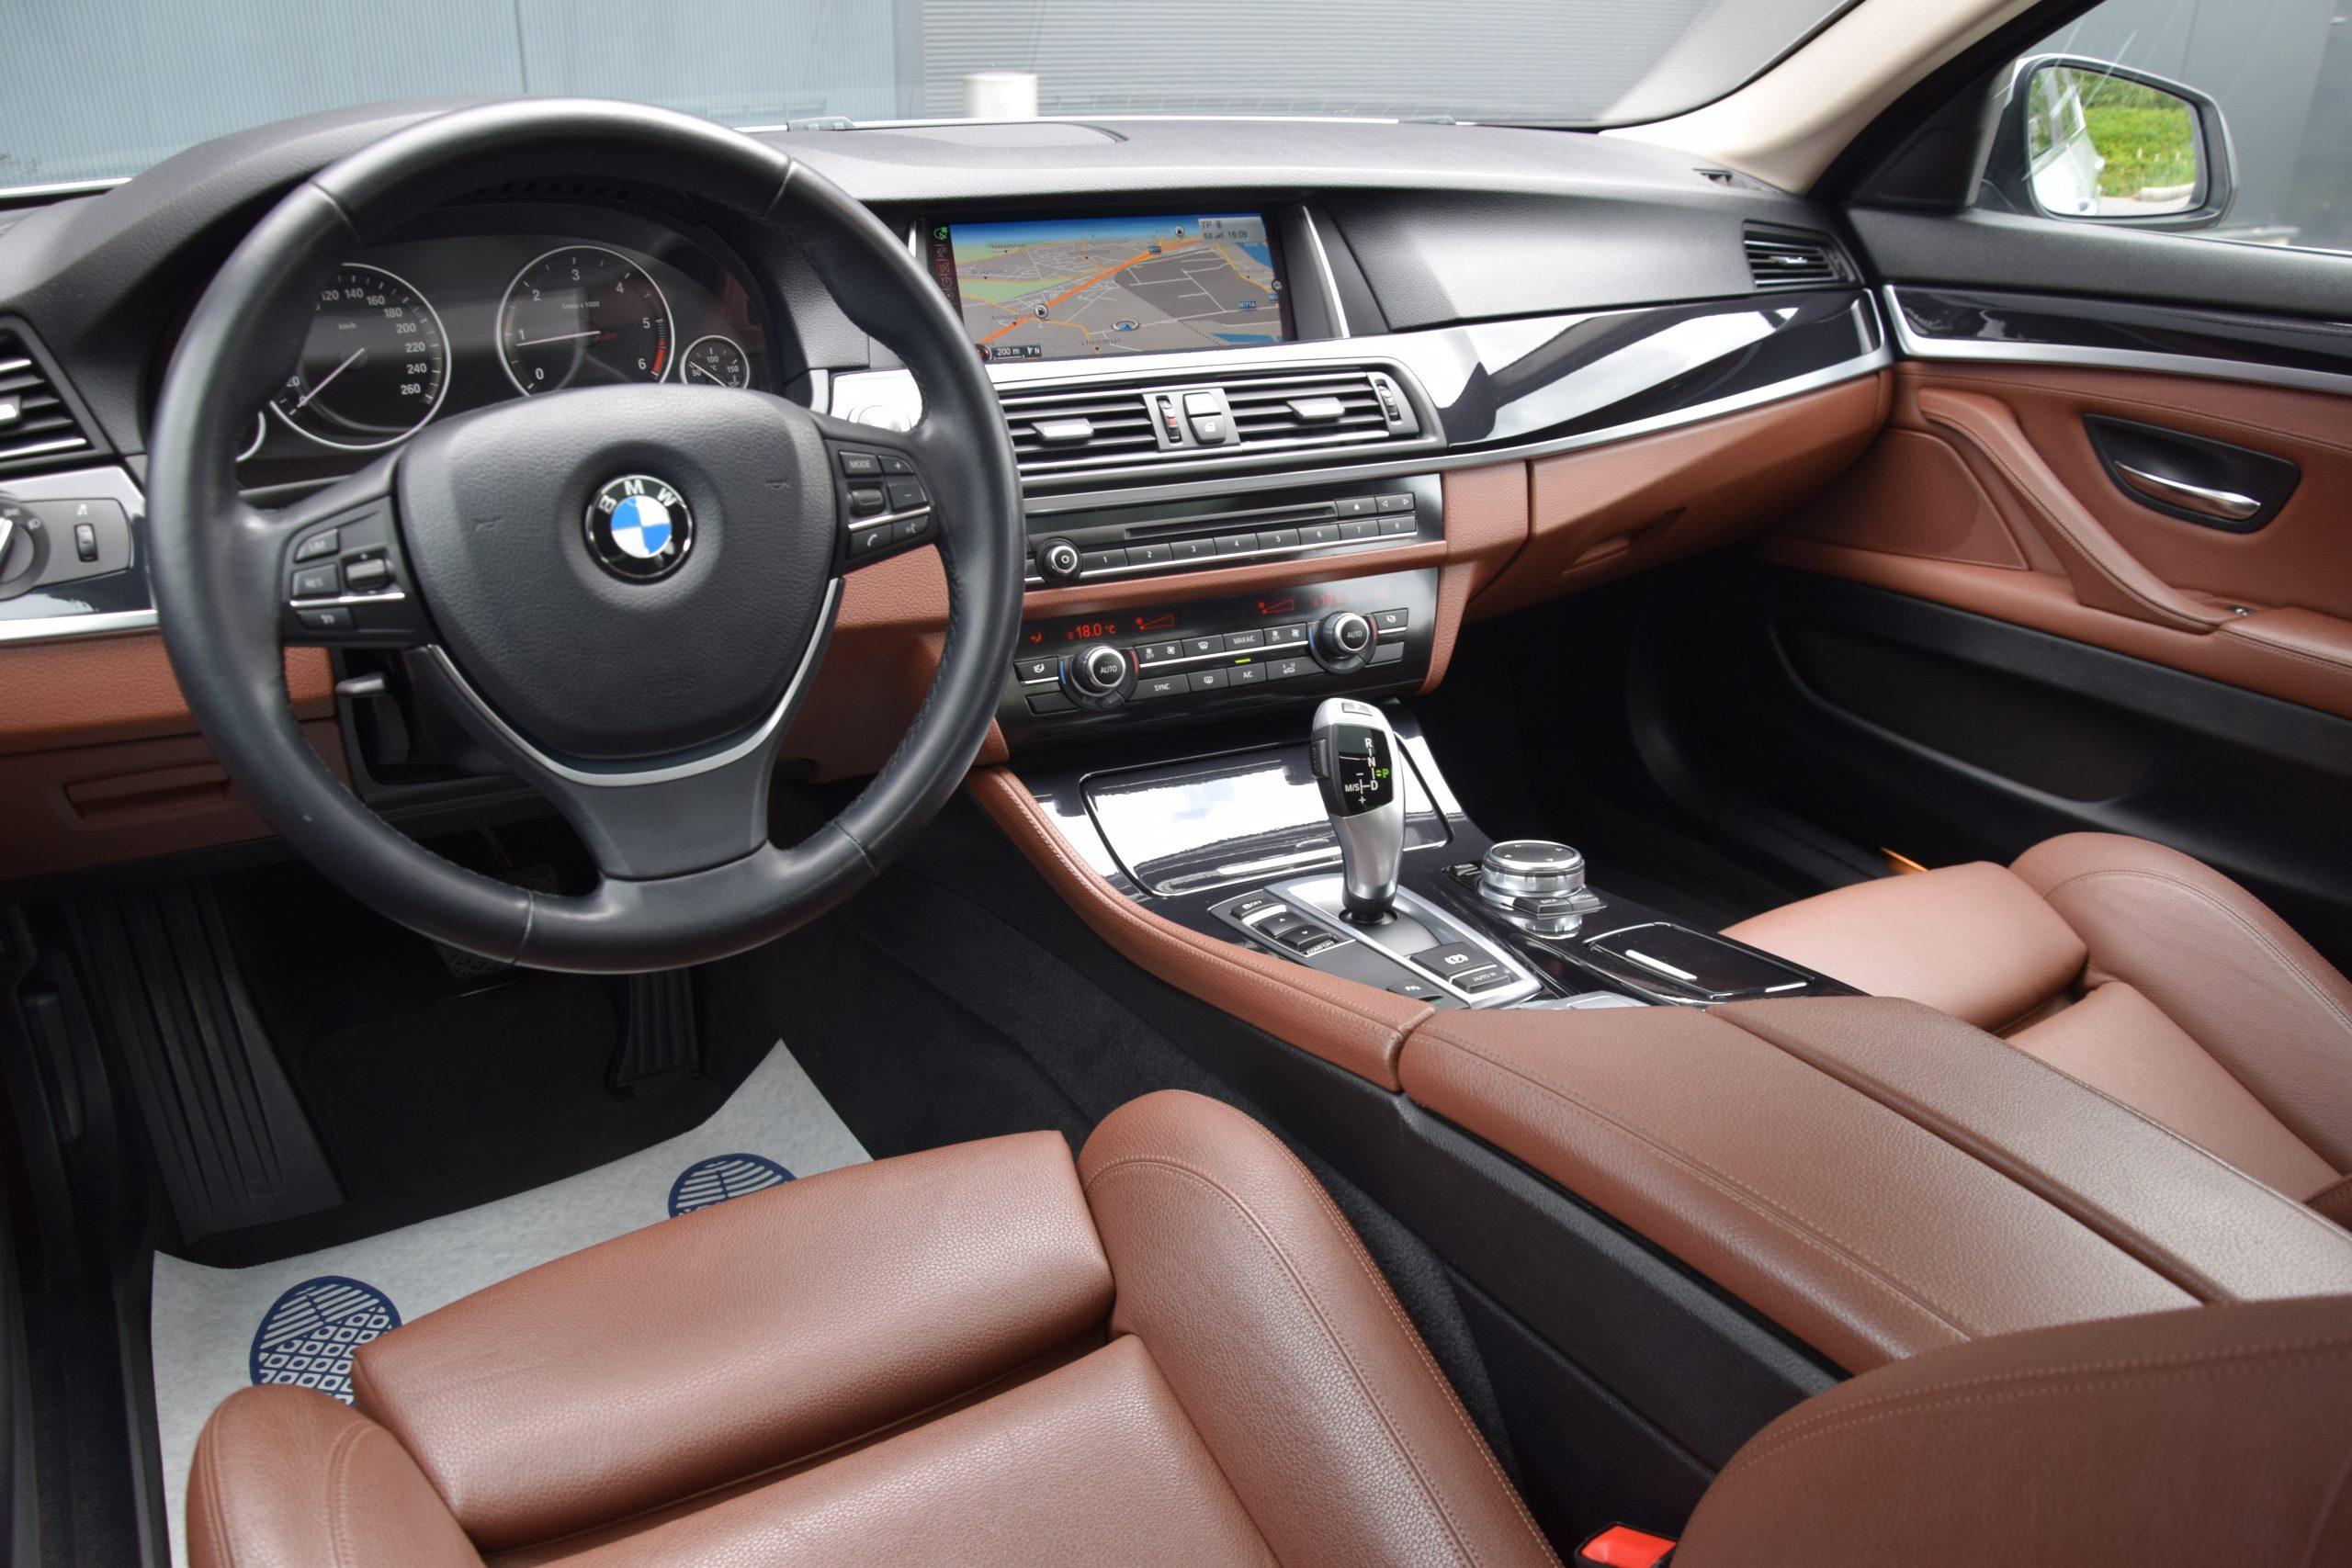 BMW 518 dA 09/2015 – Open dak – Navi – Leder